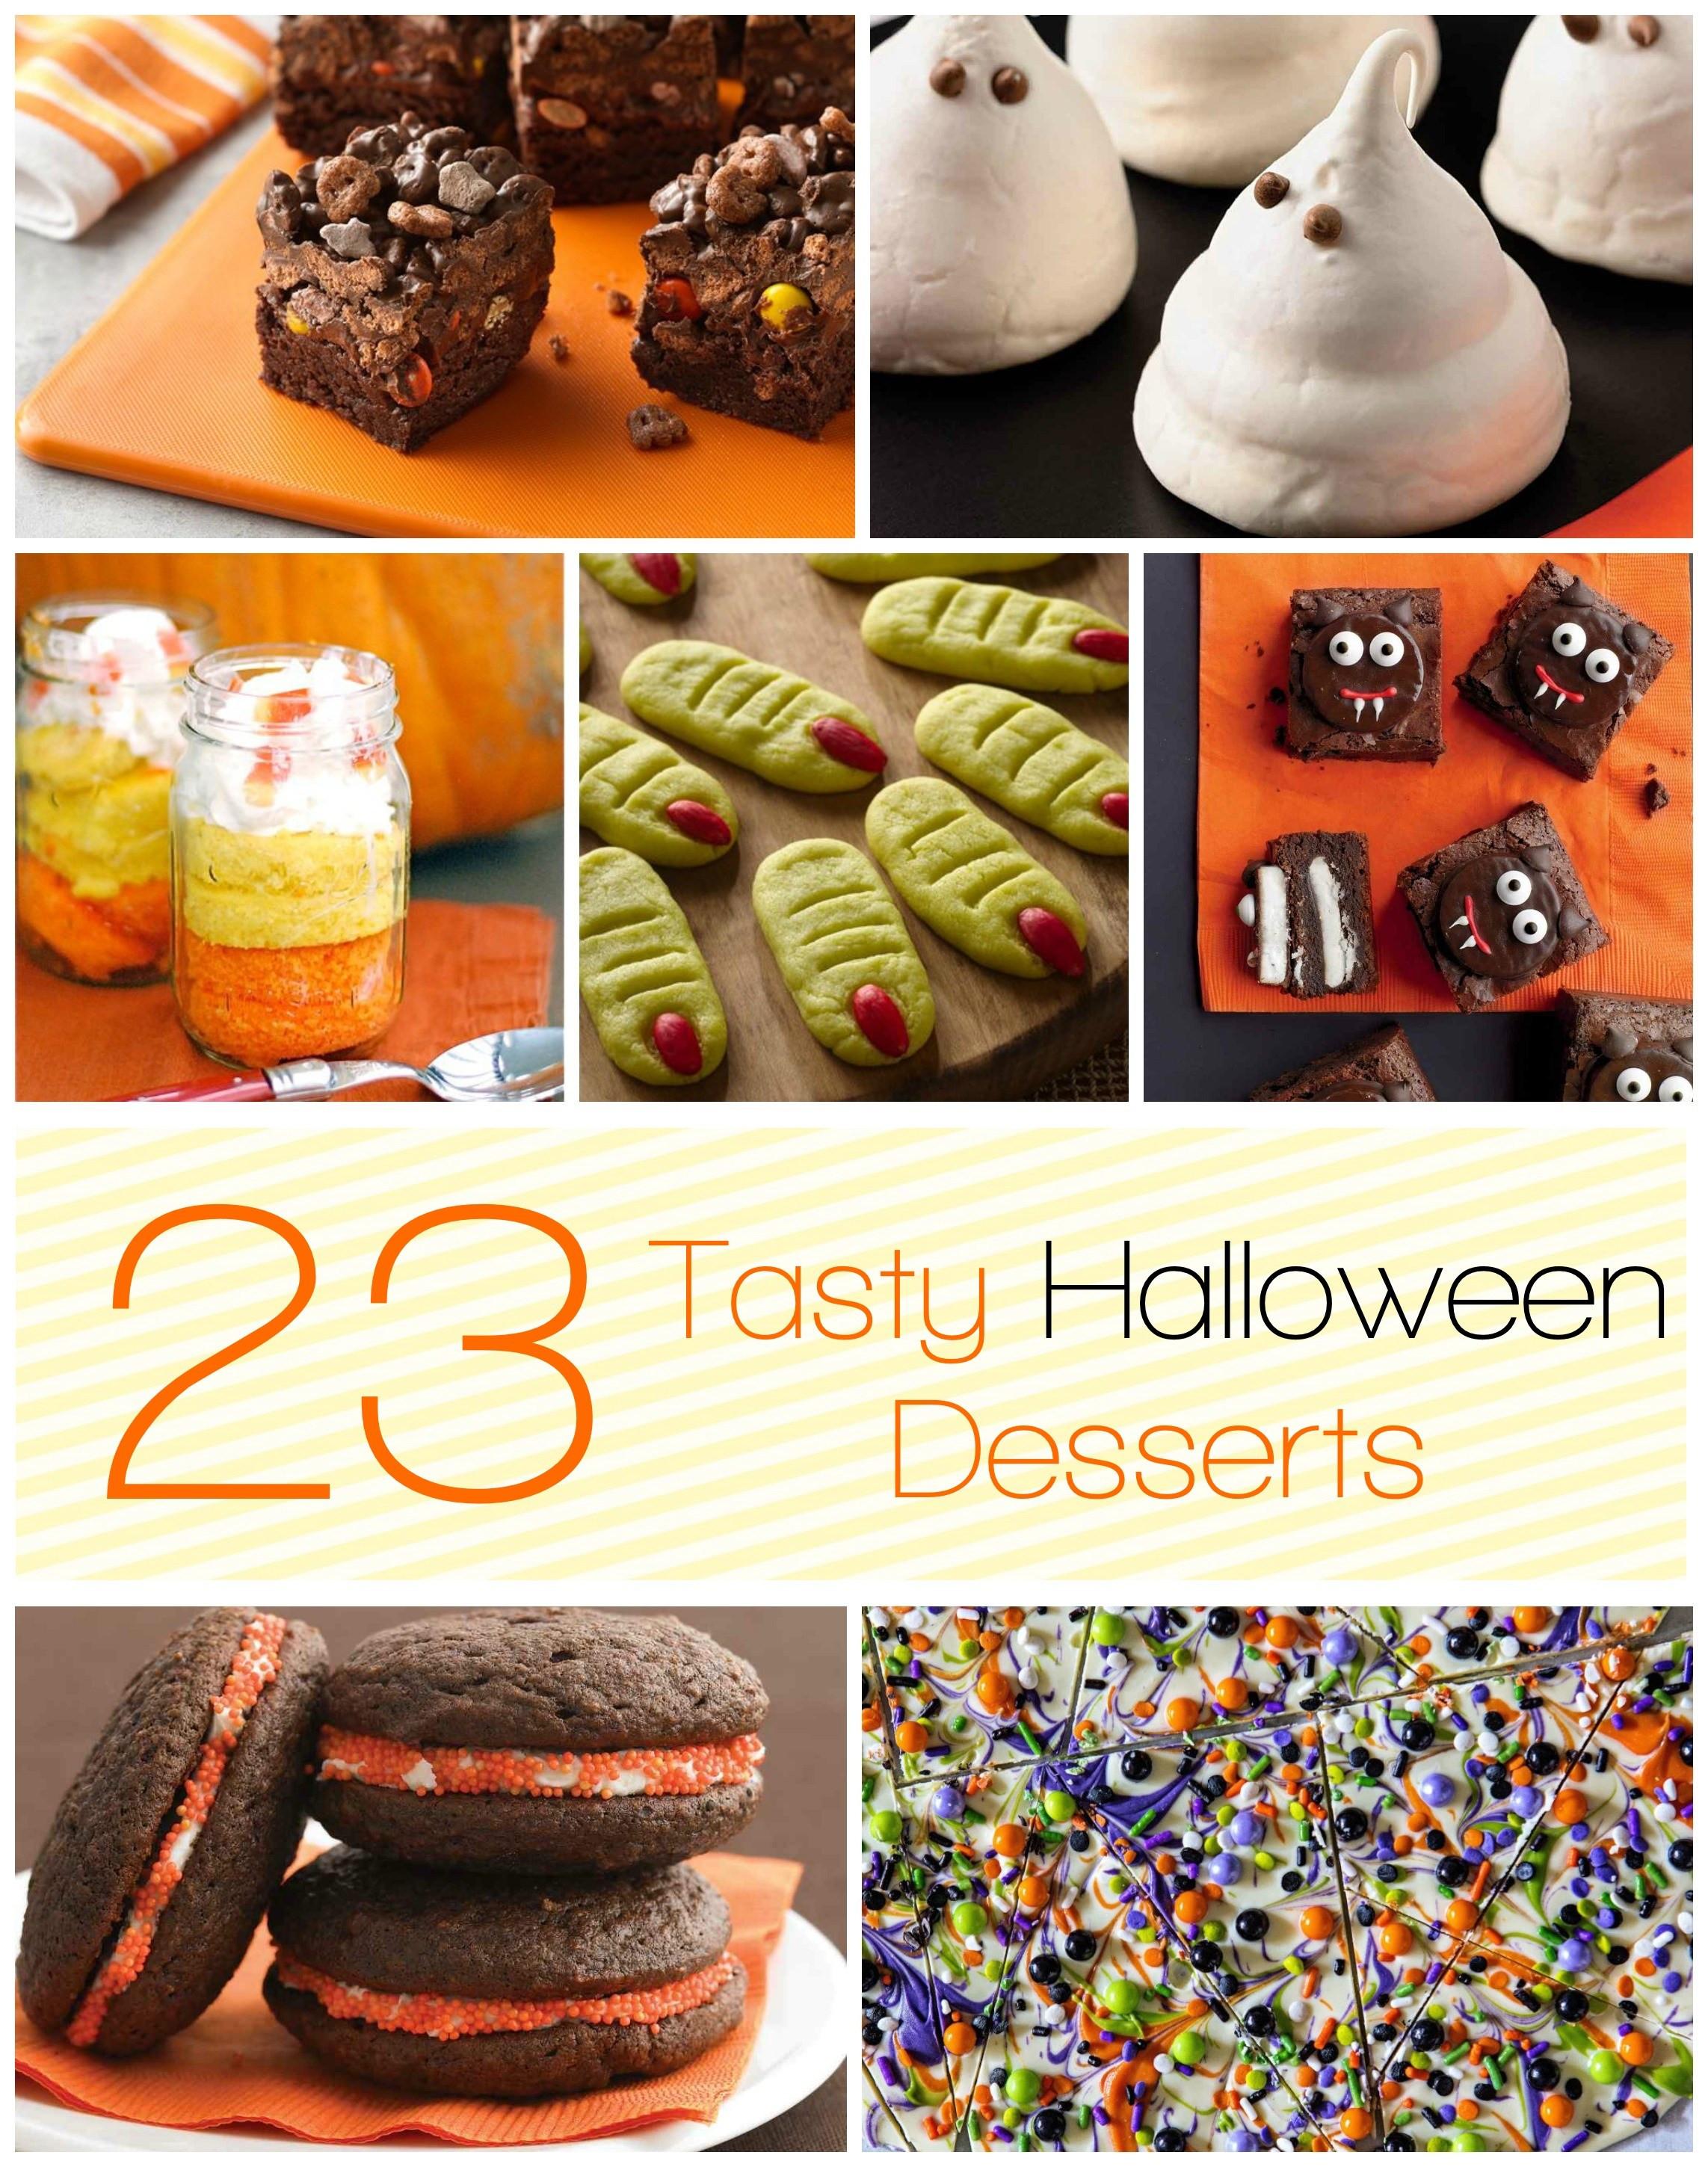 Halloween Desserts Pinterest  23 Tasty Halloween Desserts Momma Lew